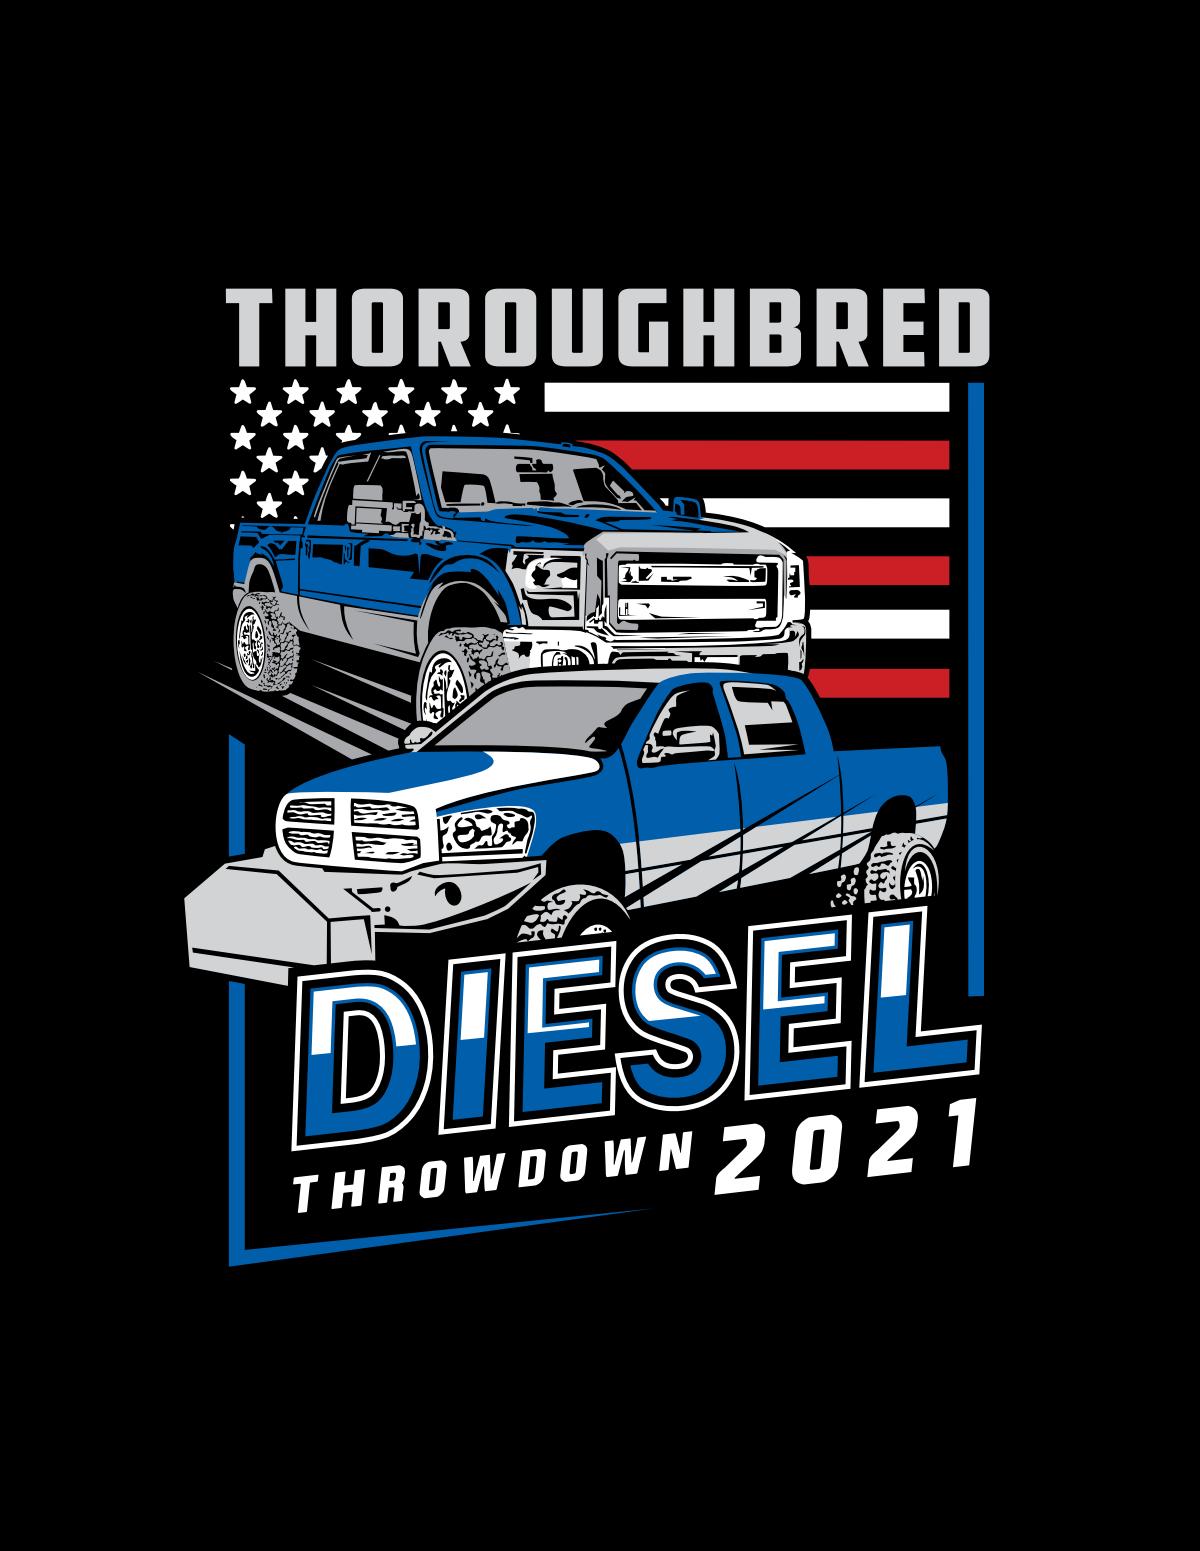 Thoroughbred Diesel Throwdown 2021